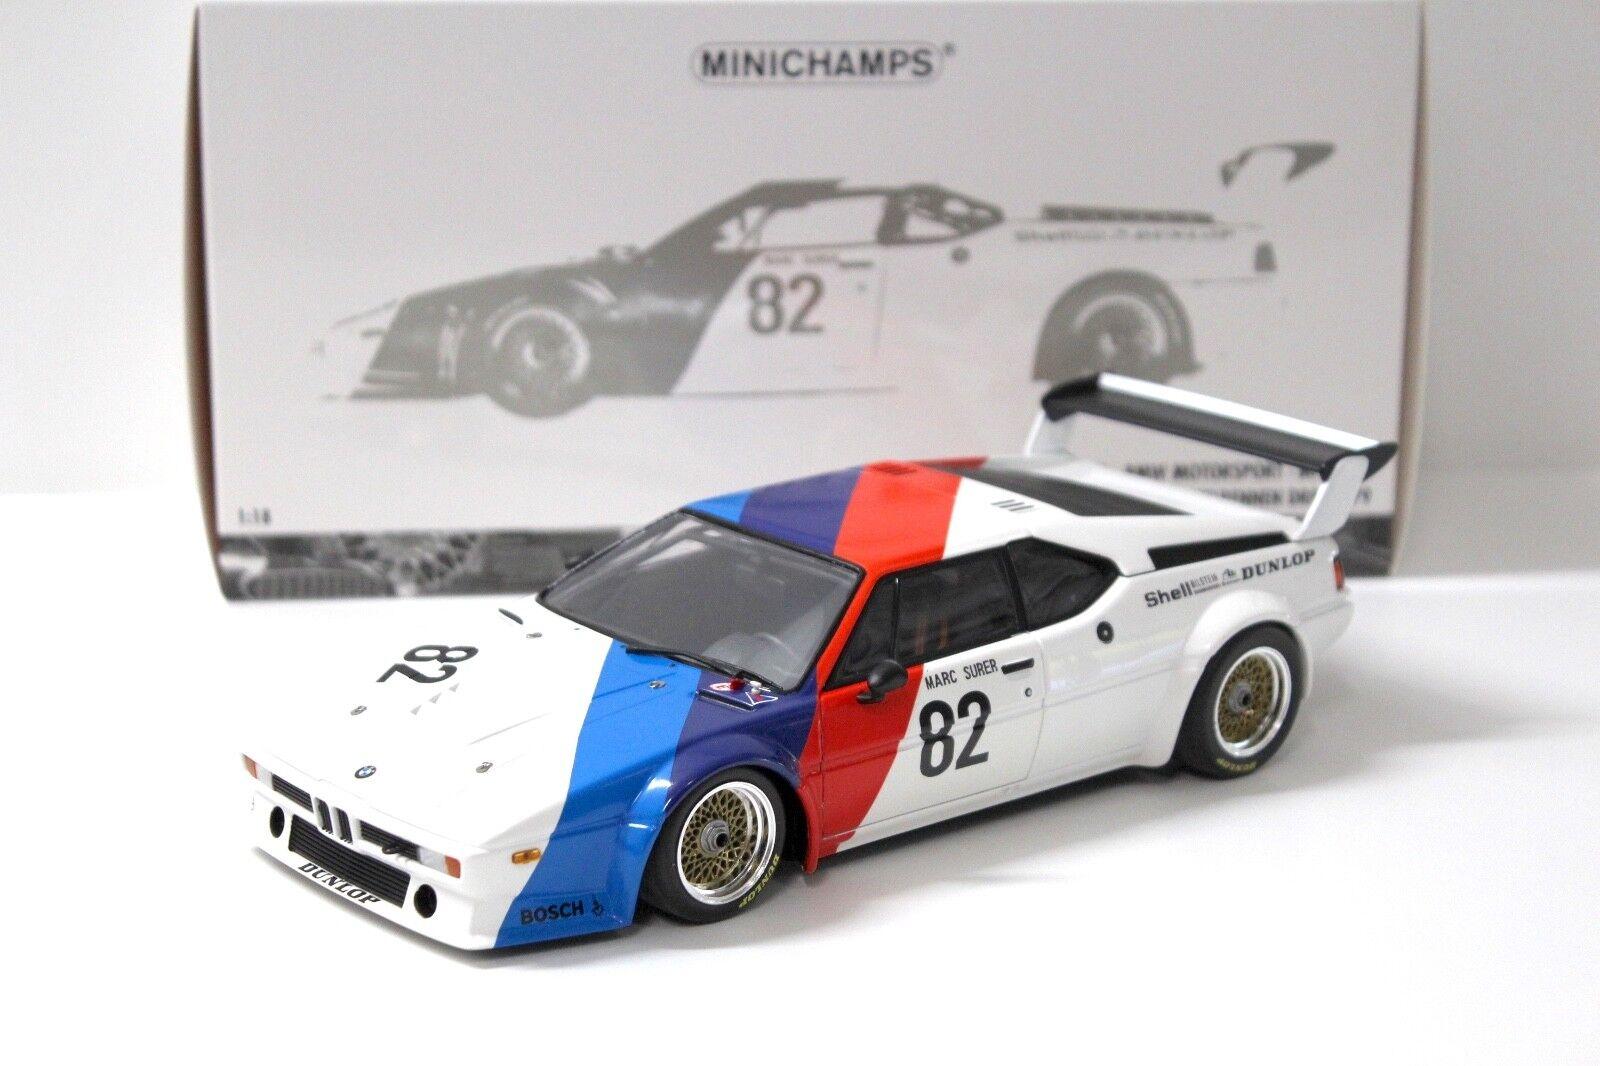 1 18 Minichamps BMW m1 Provoiture M. Surer DRM  1979  82 nouveau chez Premium-modelvoitures  parfait